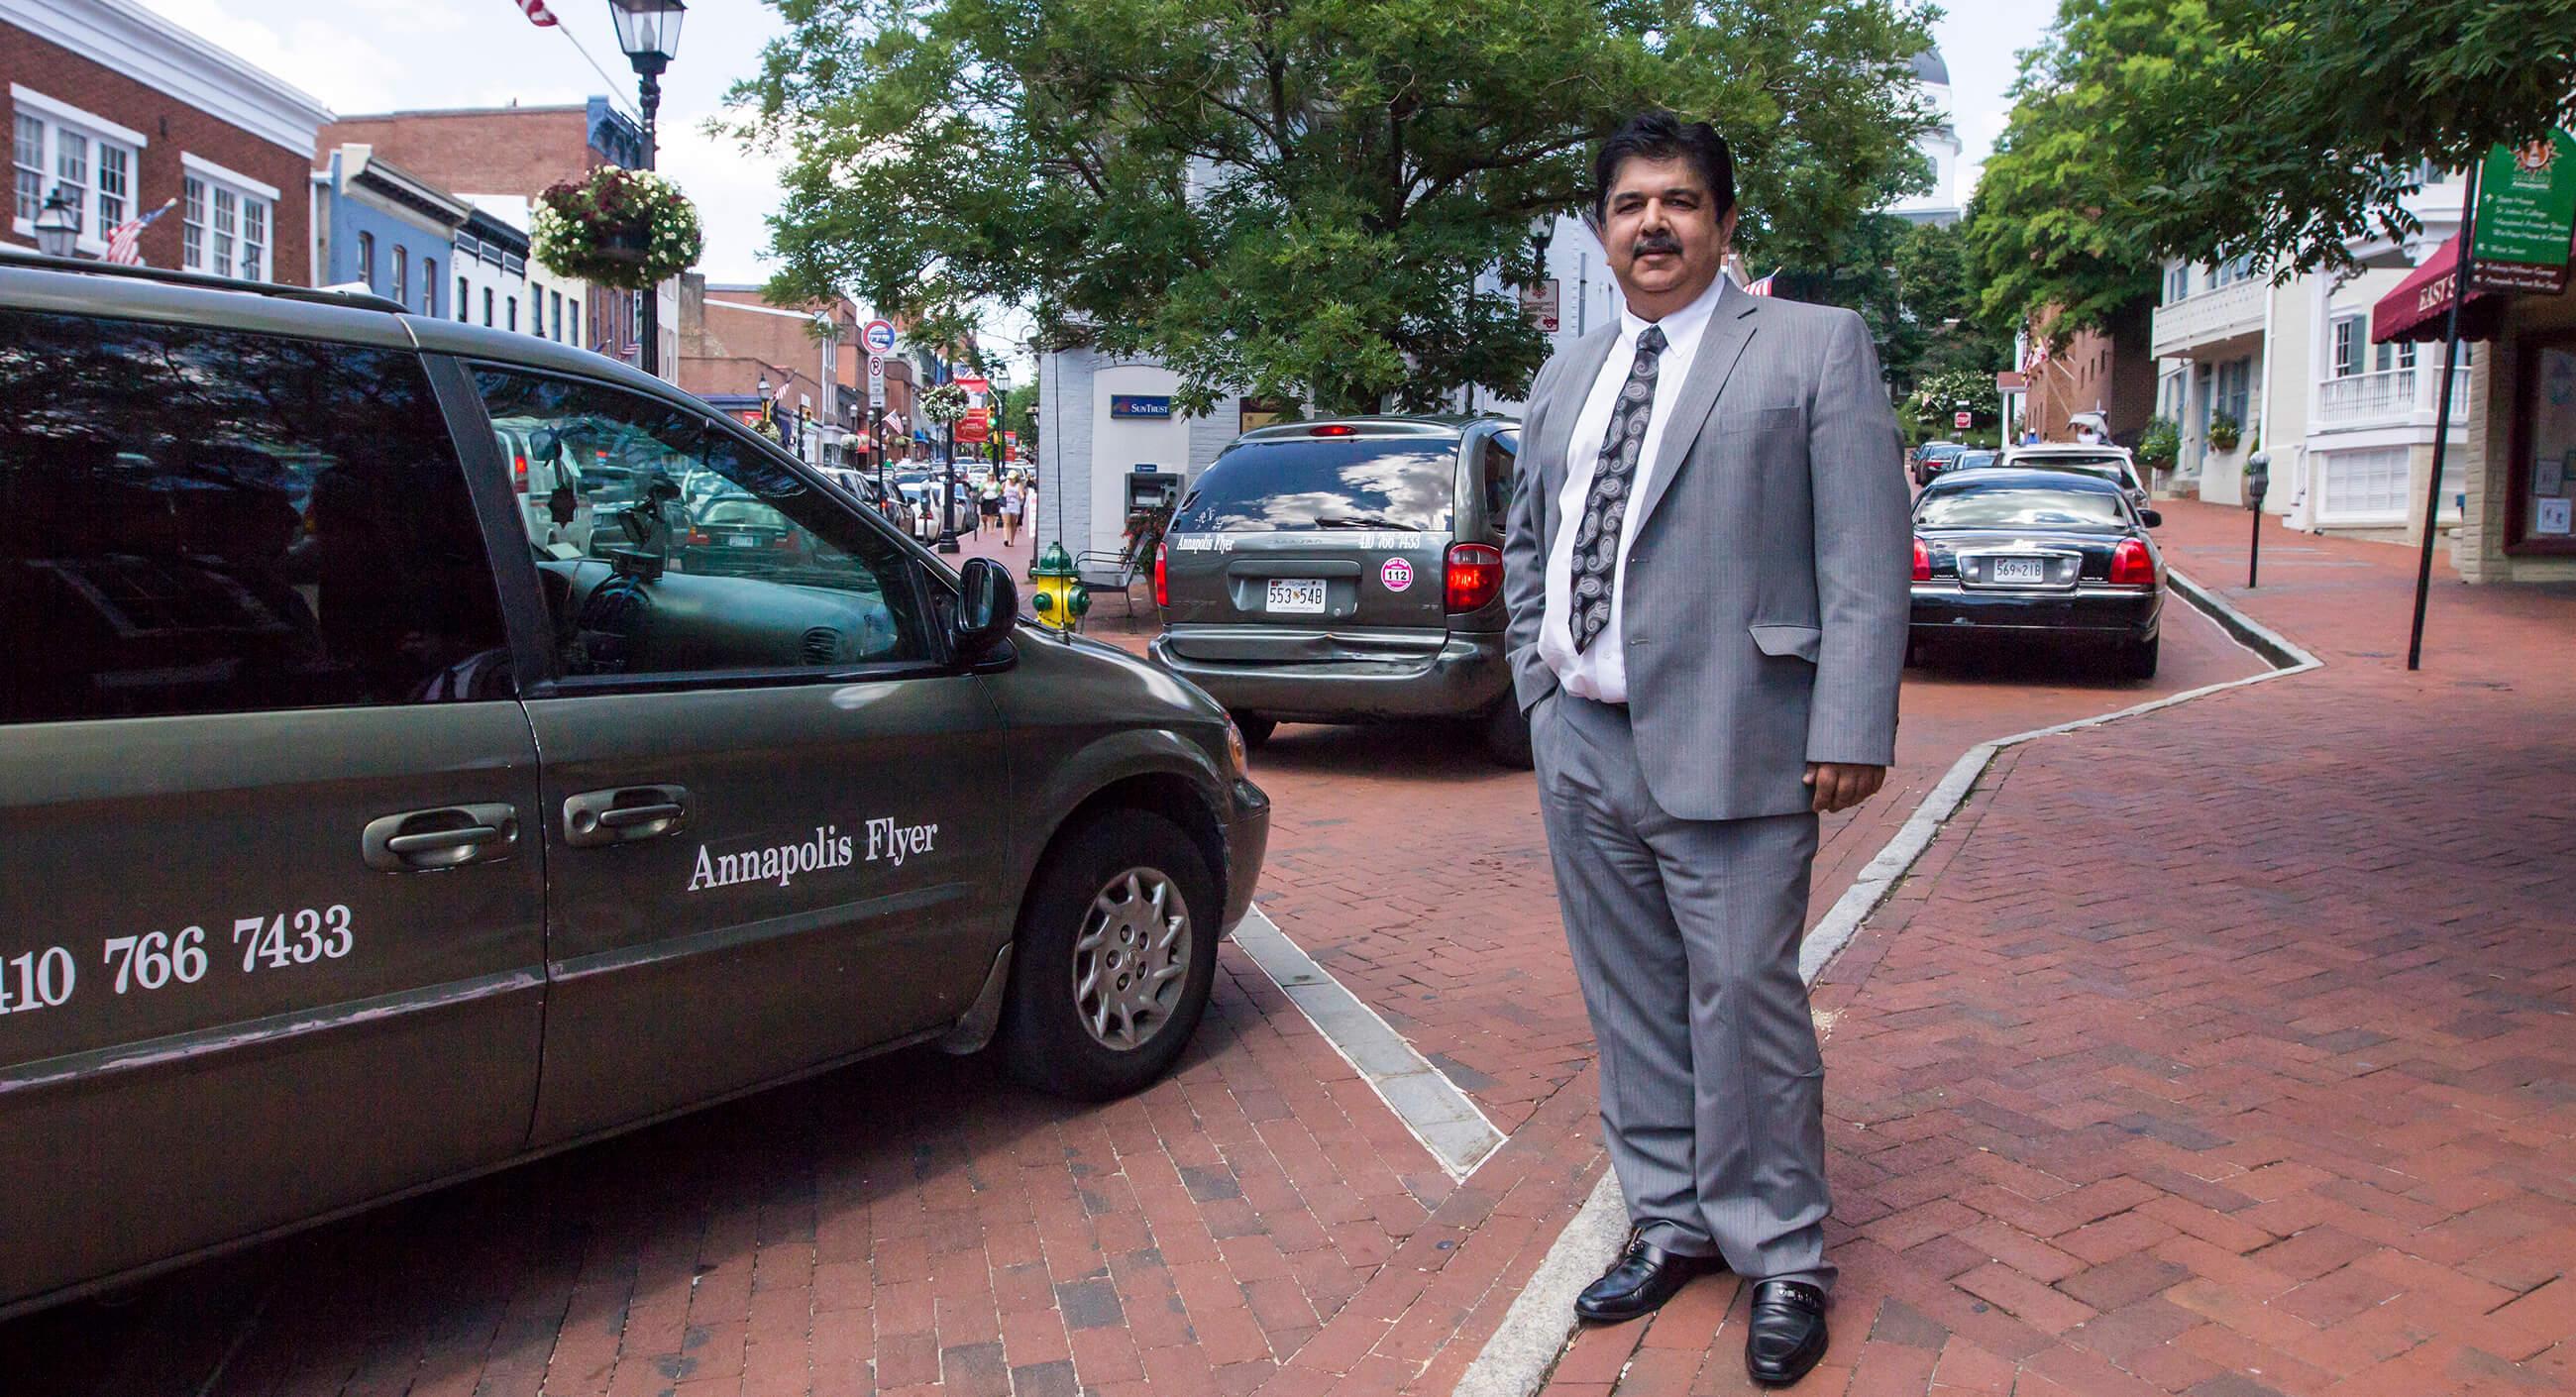 Annapolis Flyer Cab in Annapolis 2600x1410